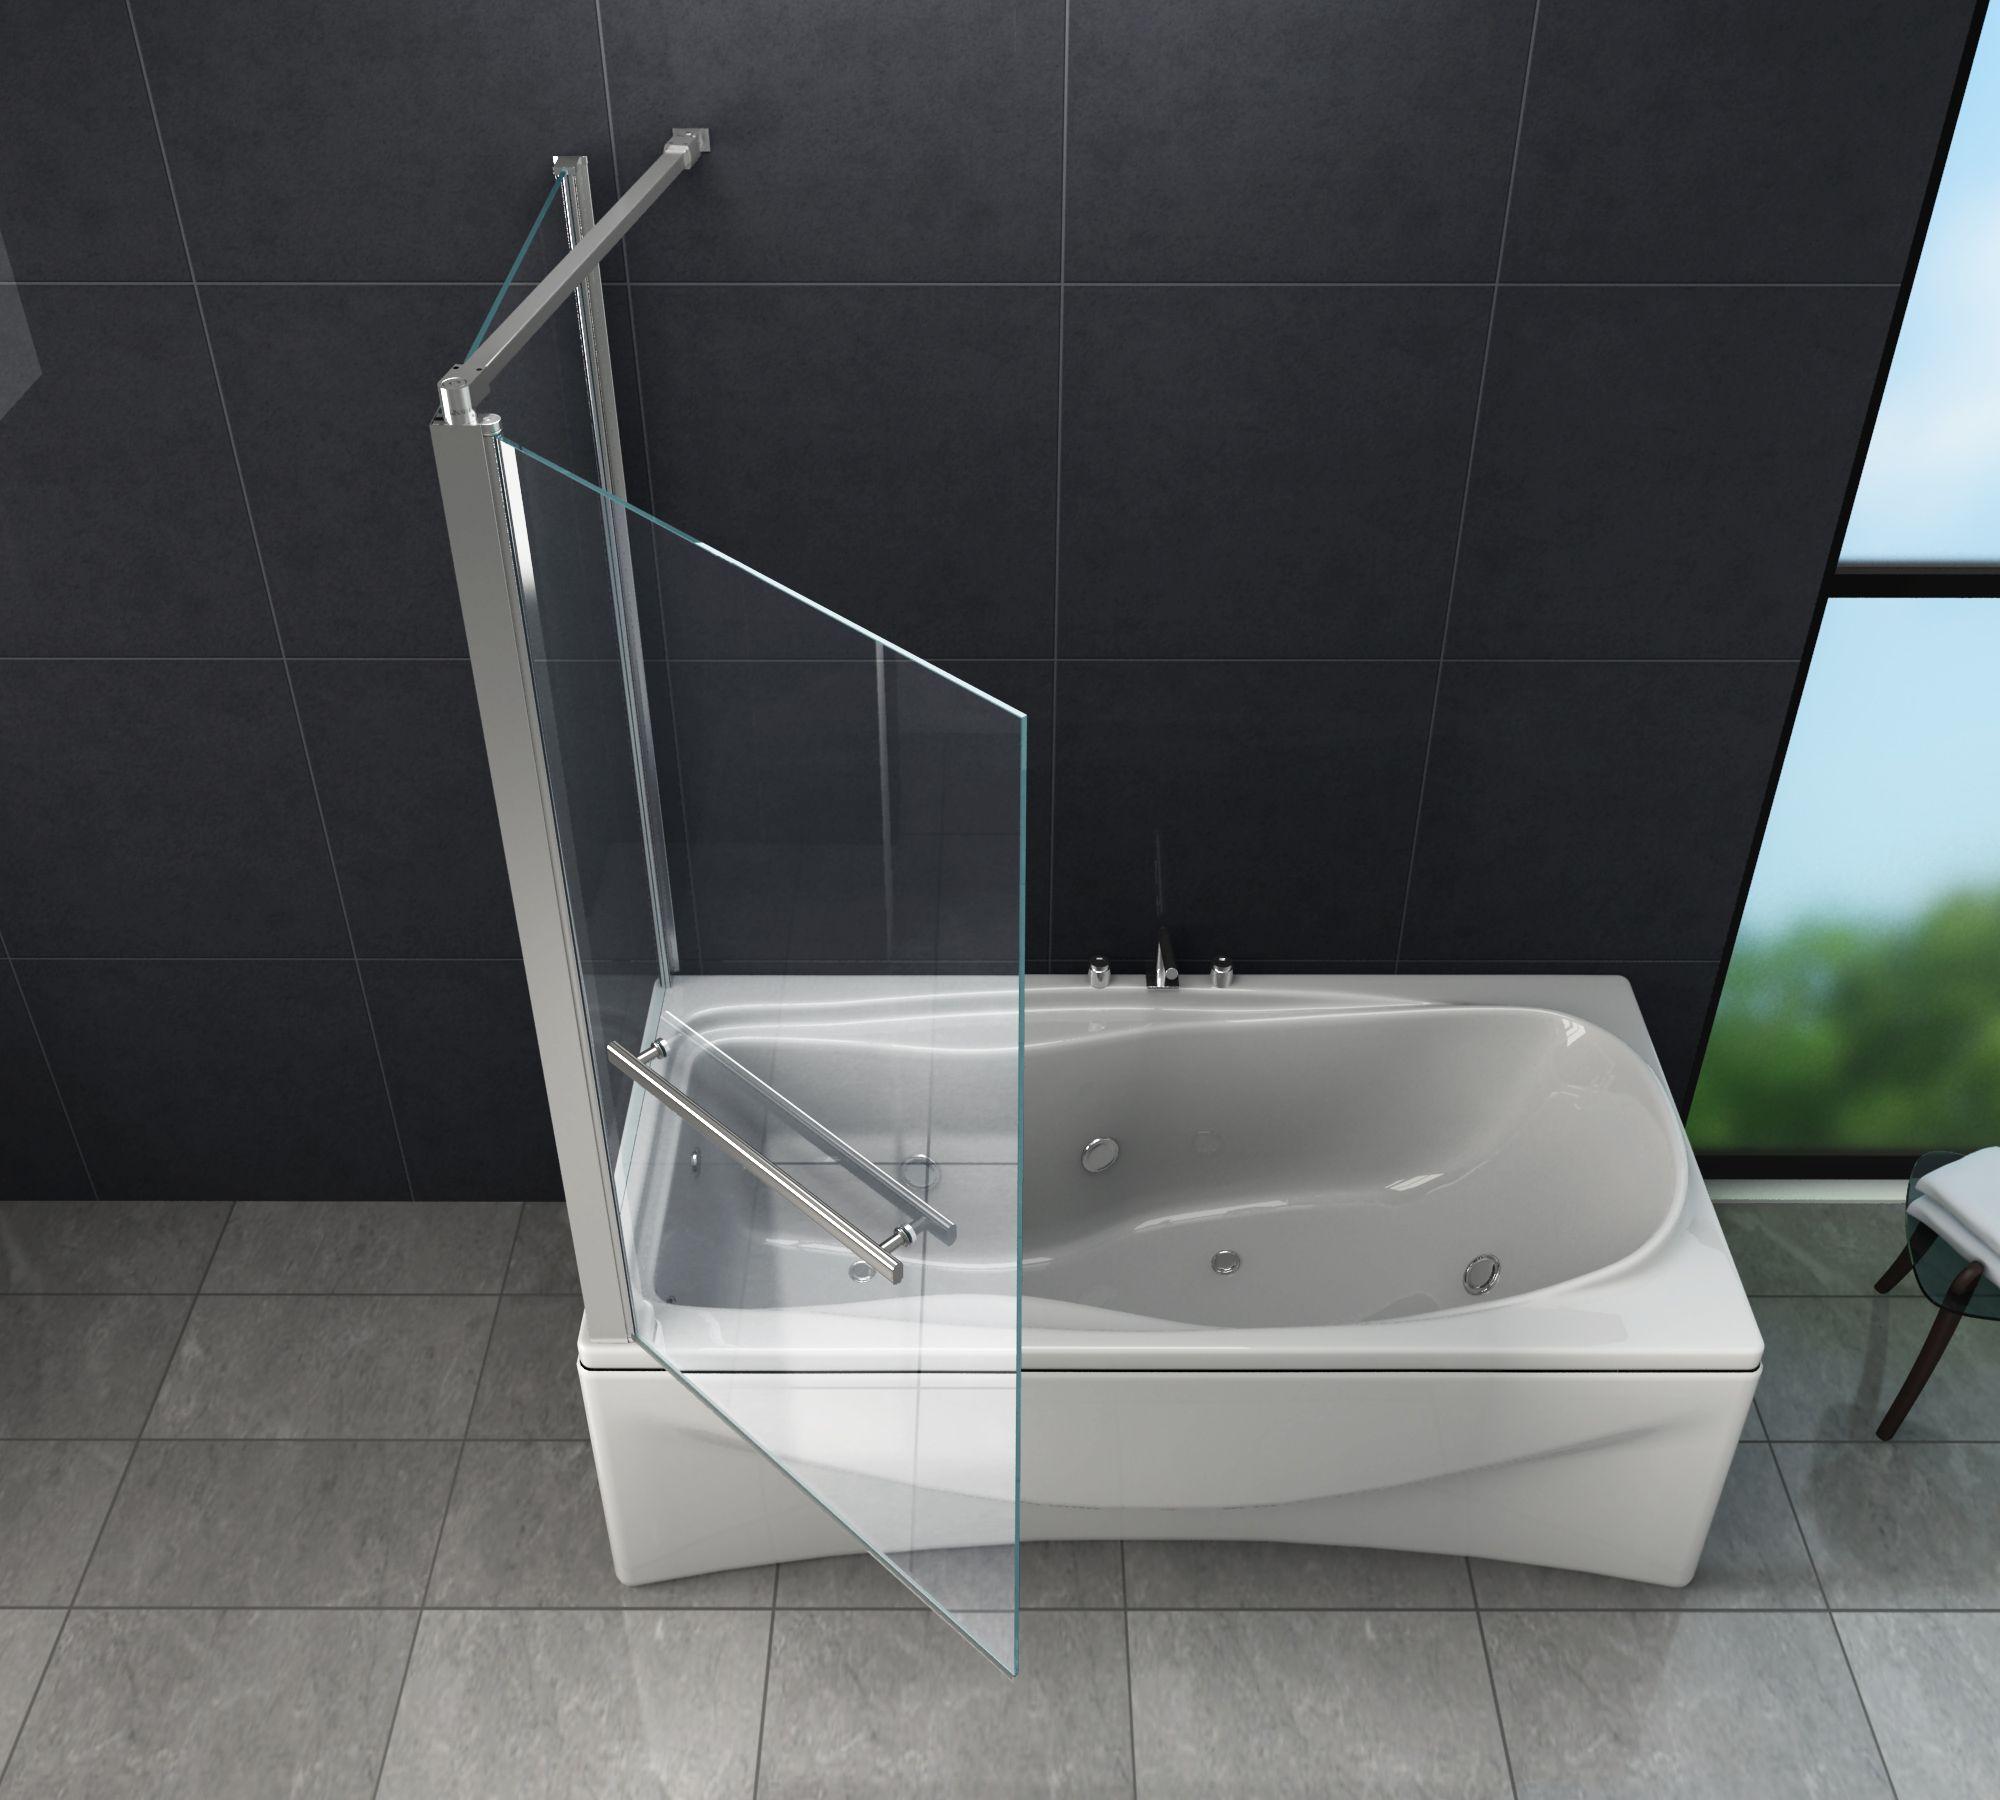 Duschabtrennung Schiebetur Auf Badewanne Duschabtrennung